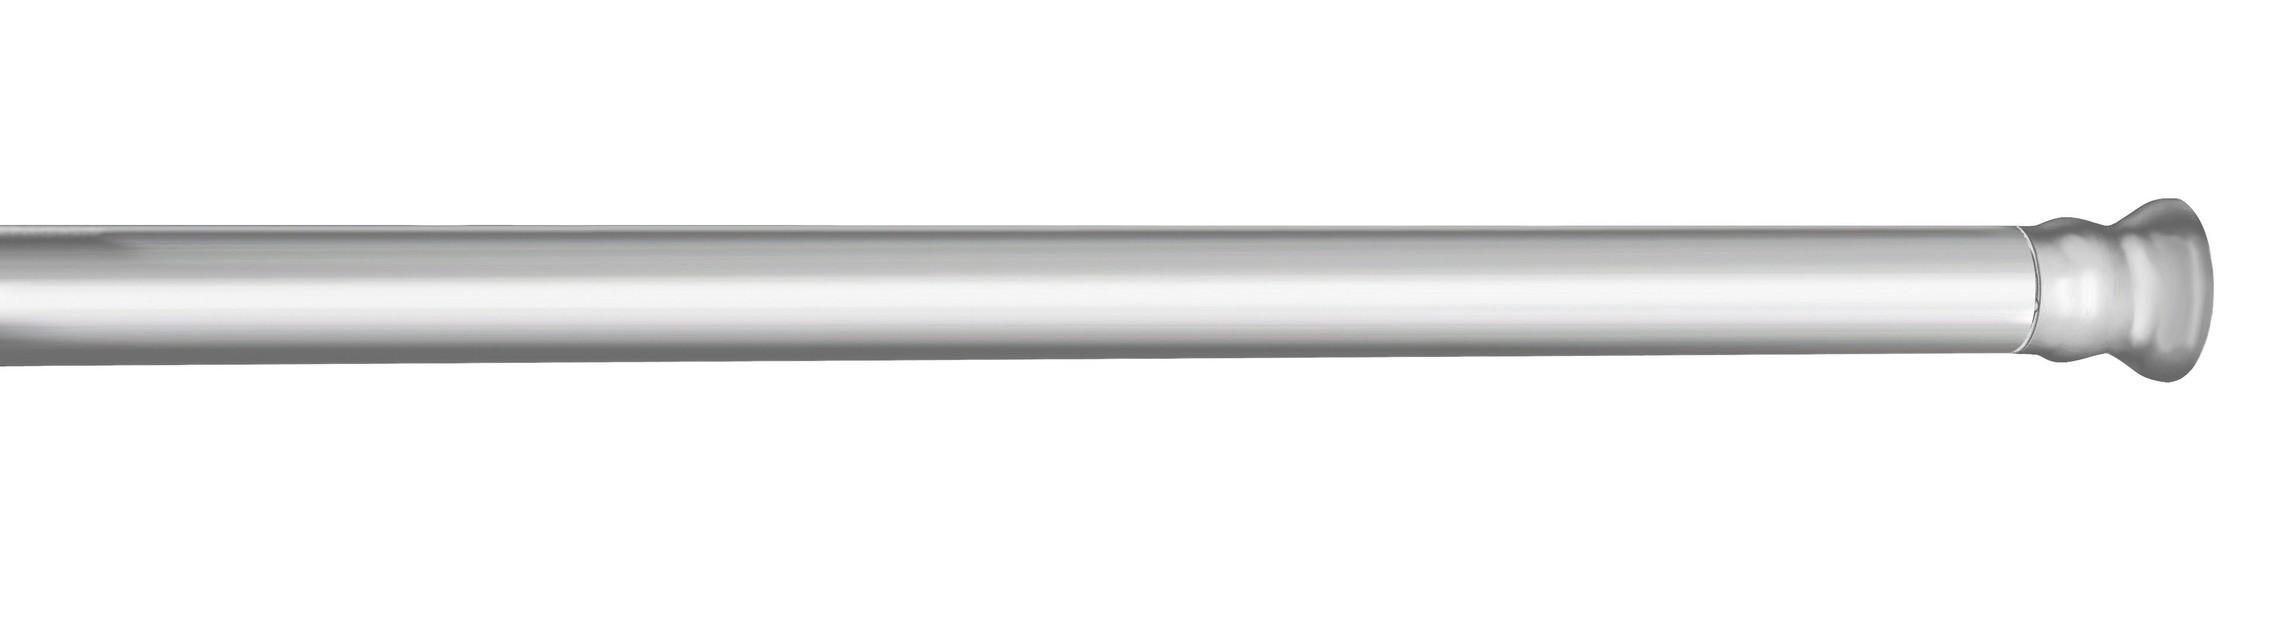 teleskop duschstange chrom 110 185 cm von wenko jetzt kaufen bei wc